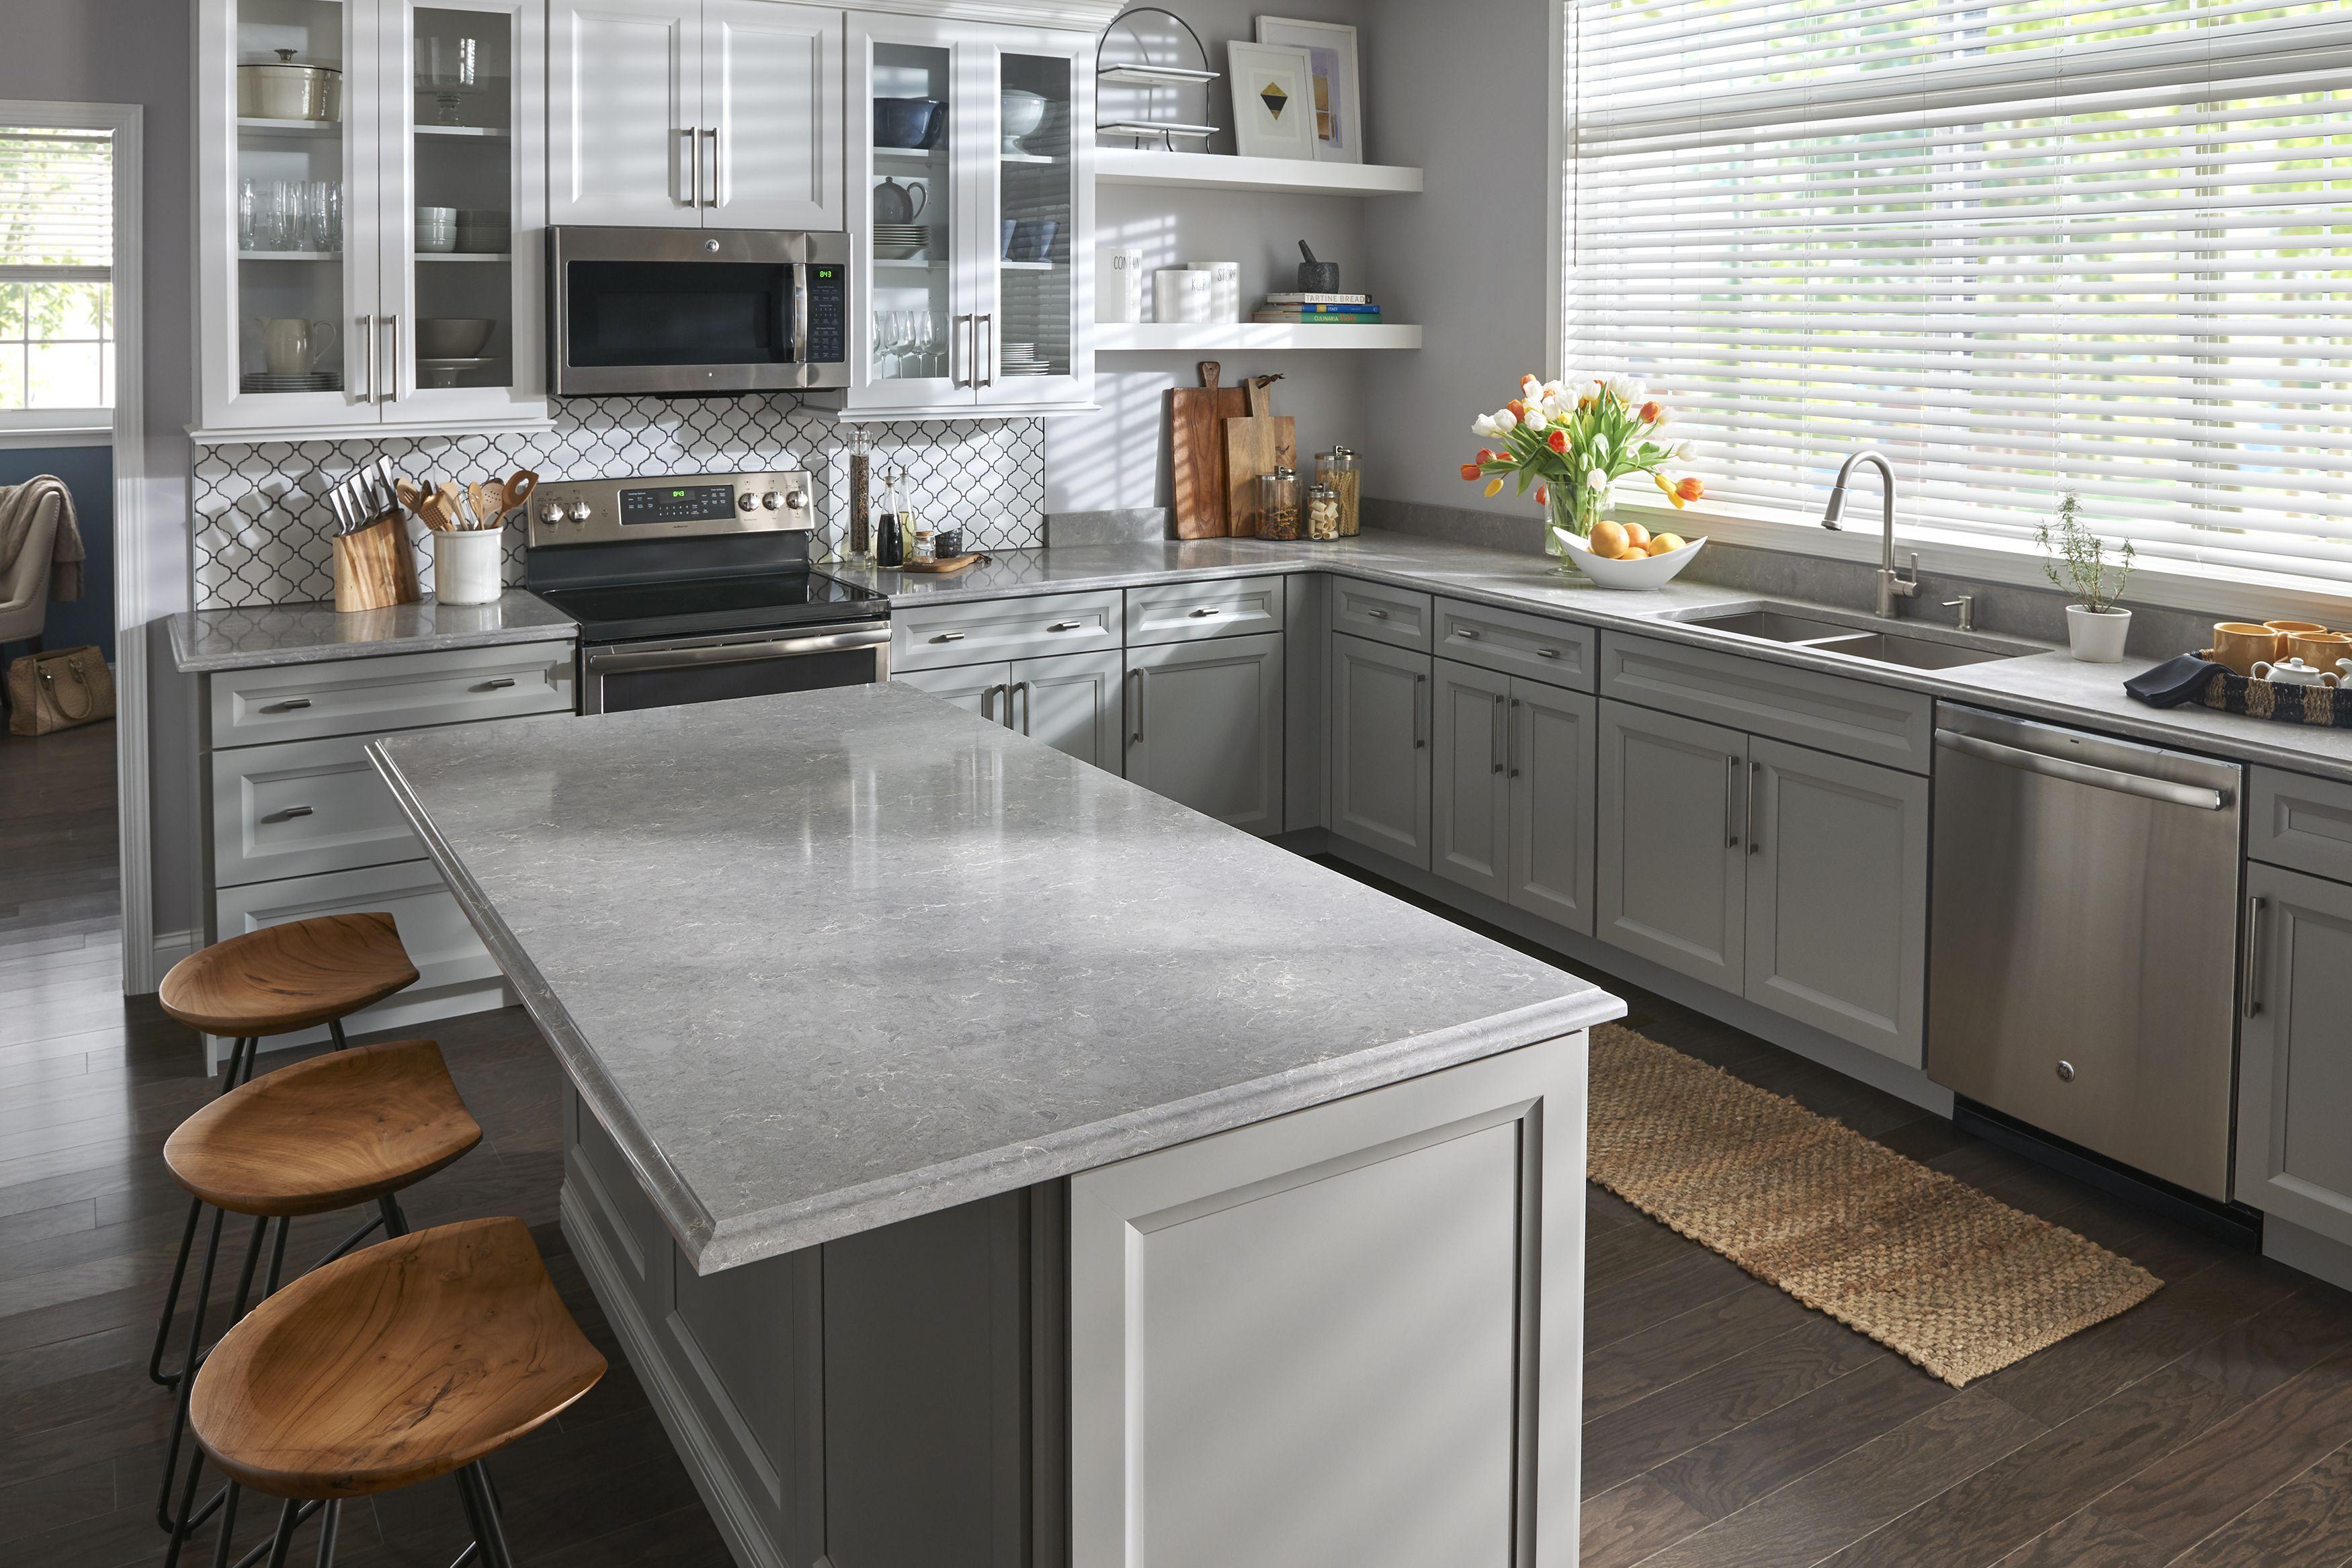 Small Kitchen Countertop Ideas Viatera Quartz Lento Viatera Quartz American Made